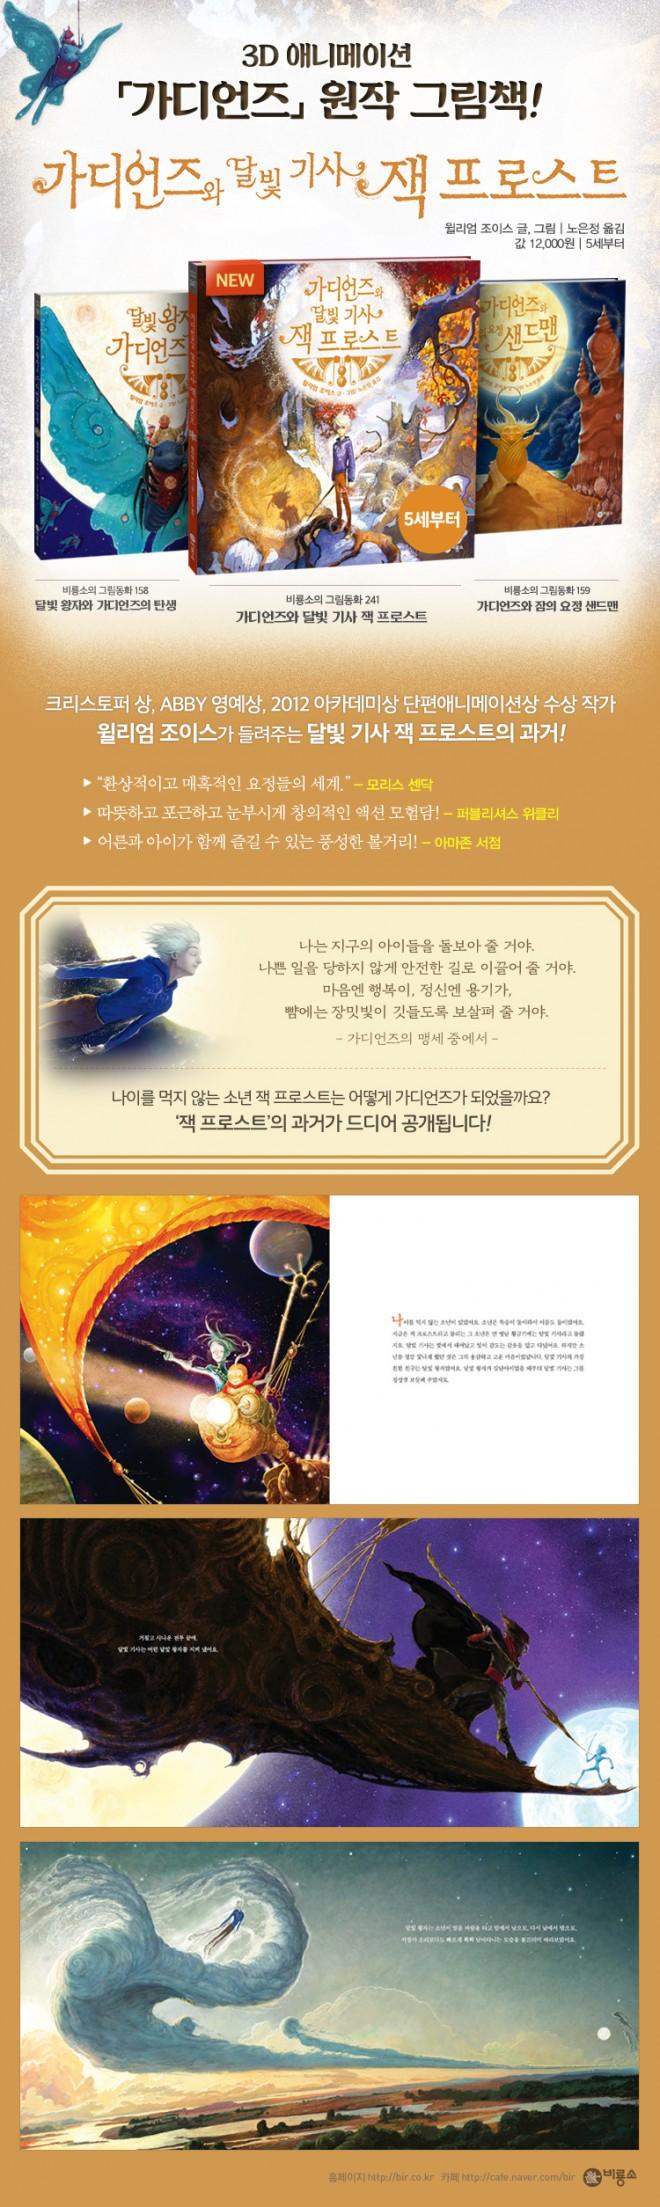 상세페이지 신간_가디언즈3 (최종)